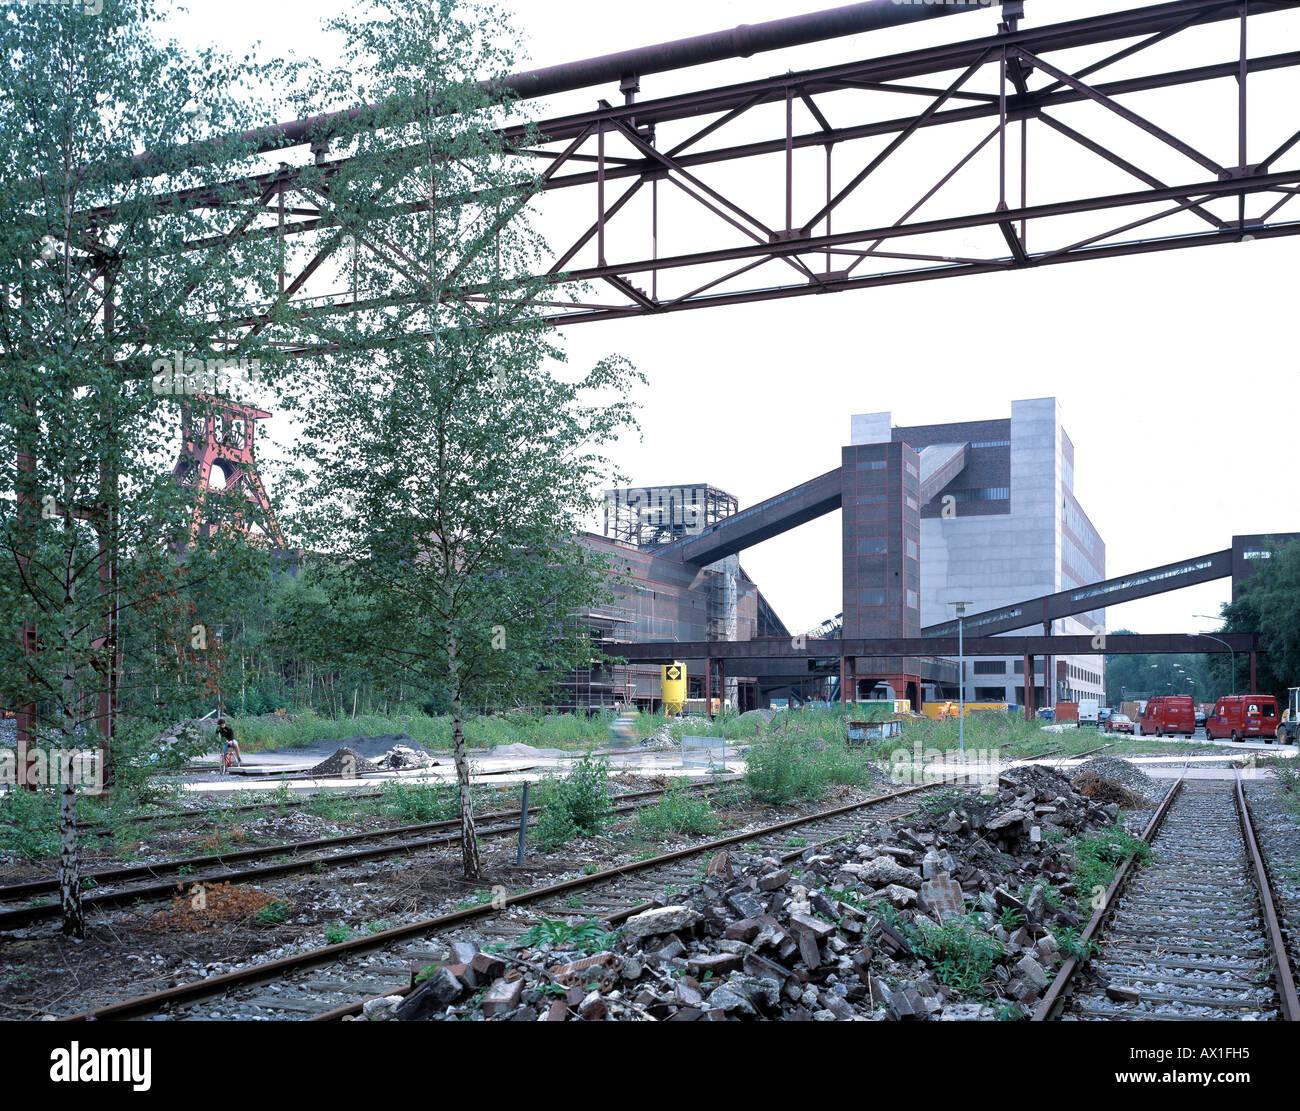 ZOLLVEREIN COAL MINE INDUSTRIAL COMPLEX, ESSEN, GERMANY - Stock Image